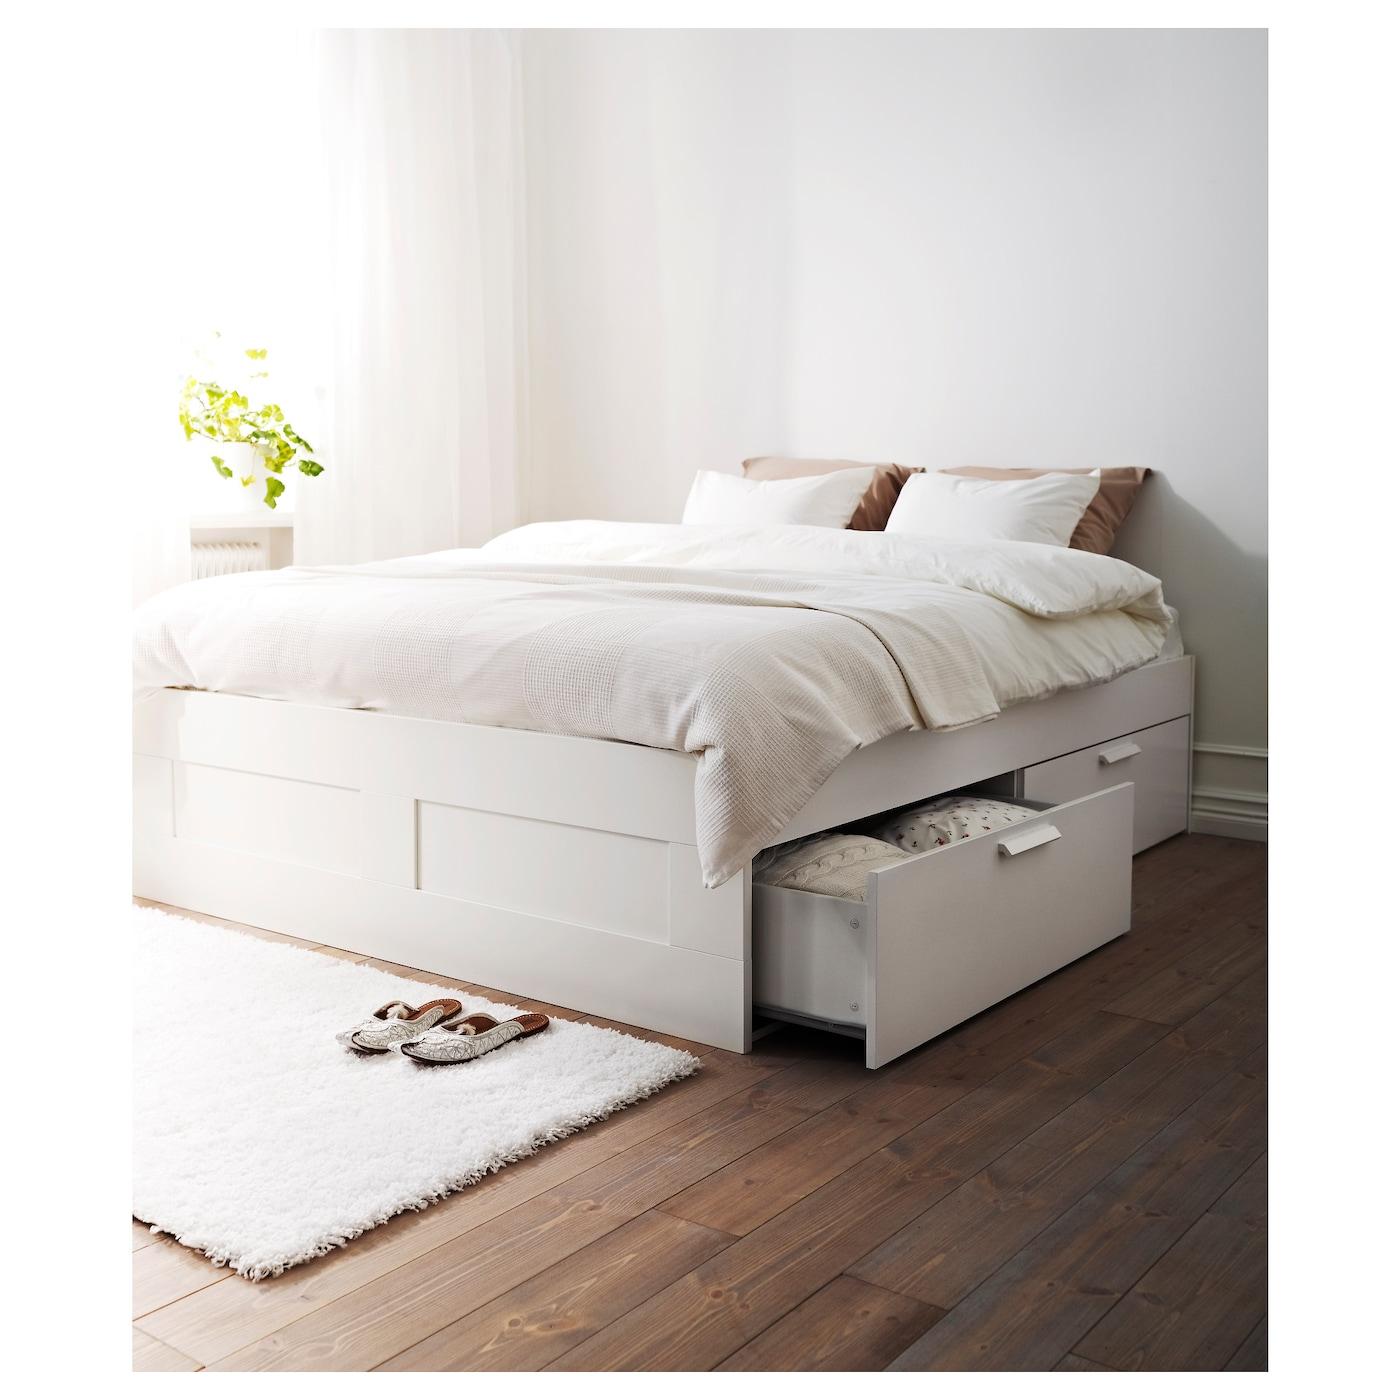 brimnes bed frame with storage white l nset 140x200 cm ikea. Black Bedroom Furniture Sets. Home Design Ideas